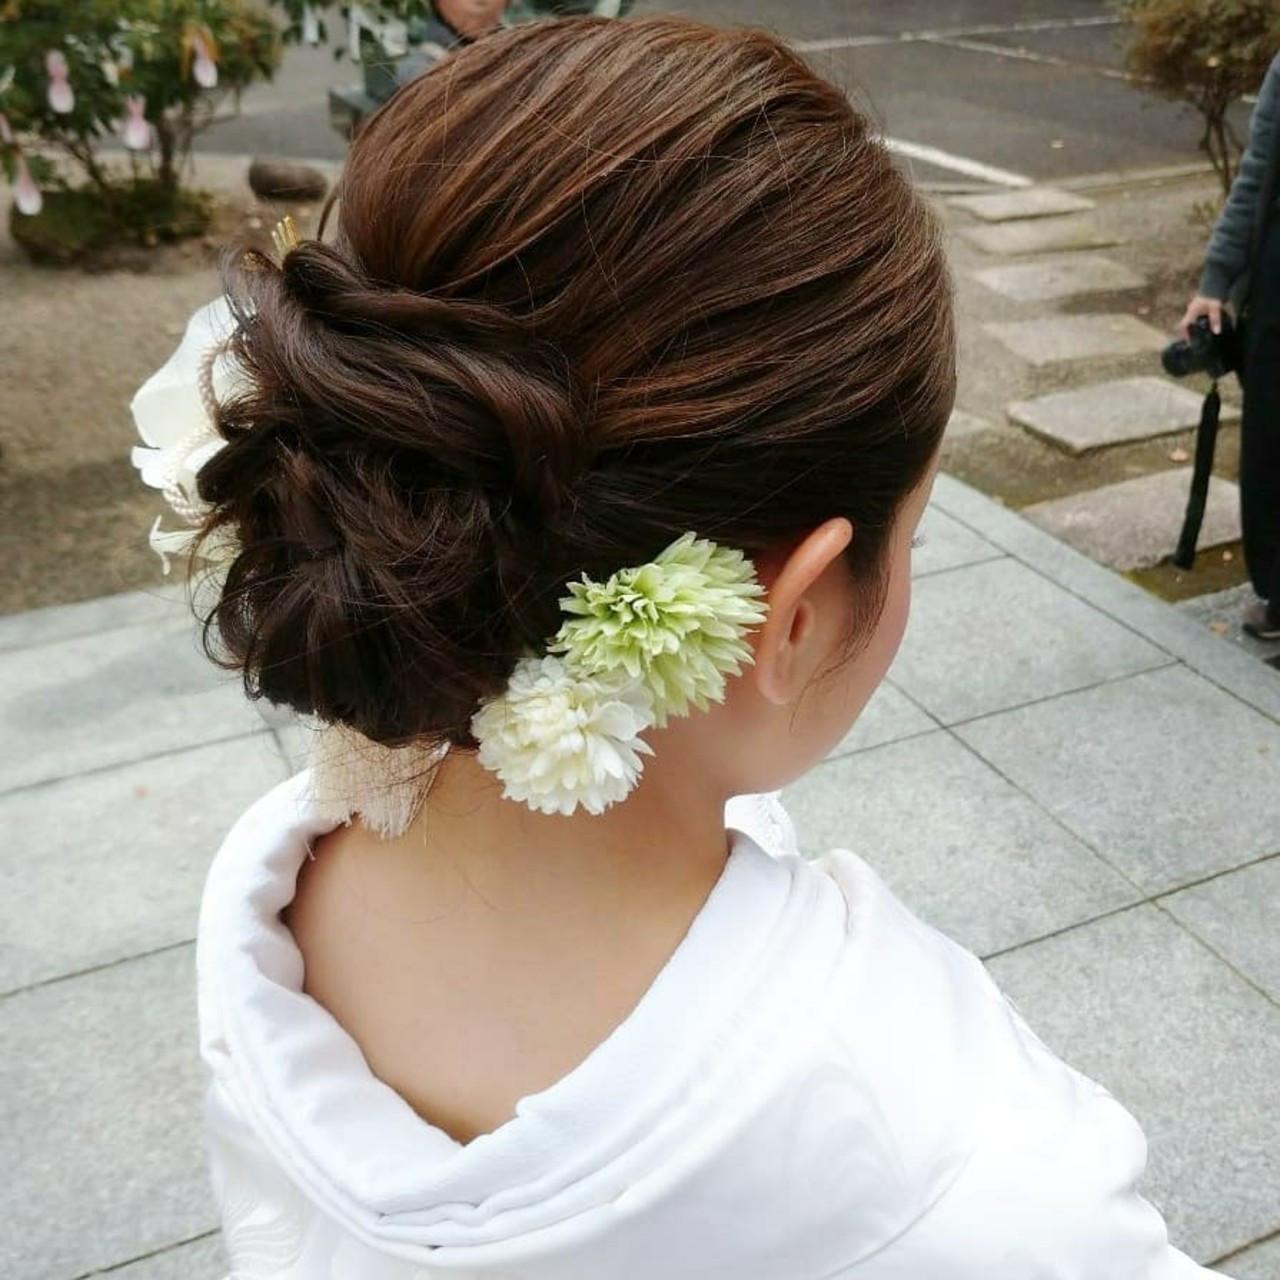 ヘアセット ロング 和装 和装髪型 ヘアスタイルや髪型の写真・画像